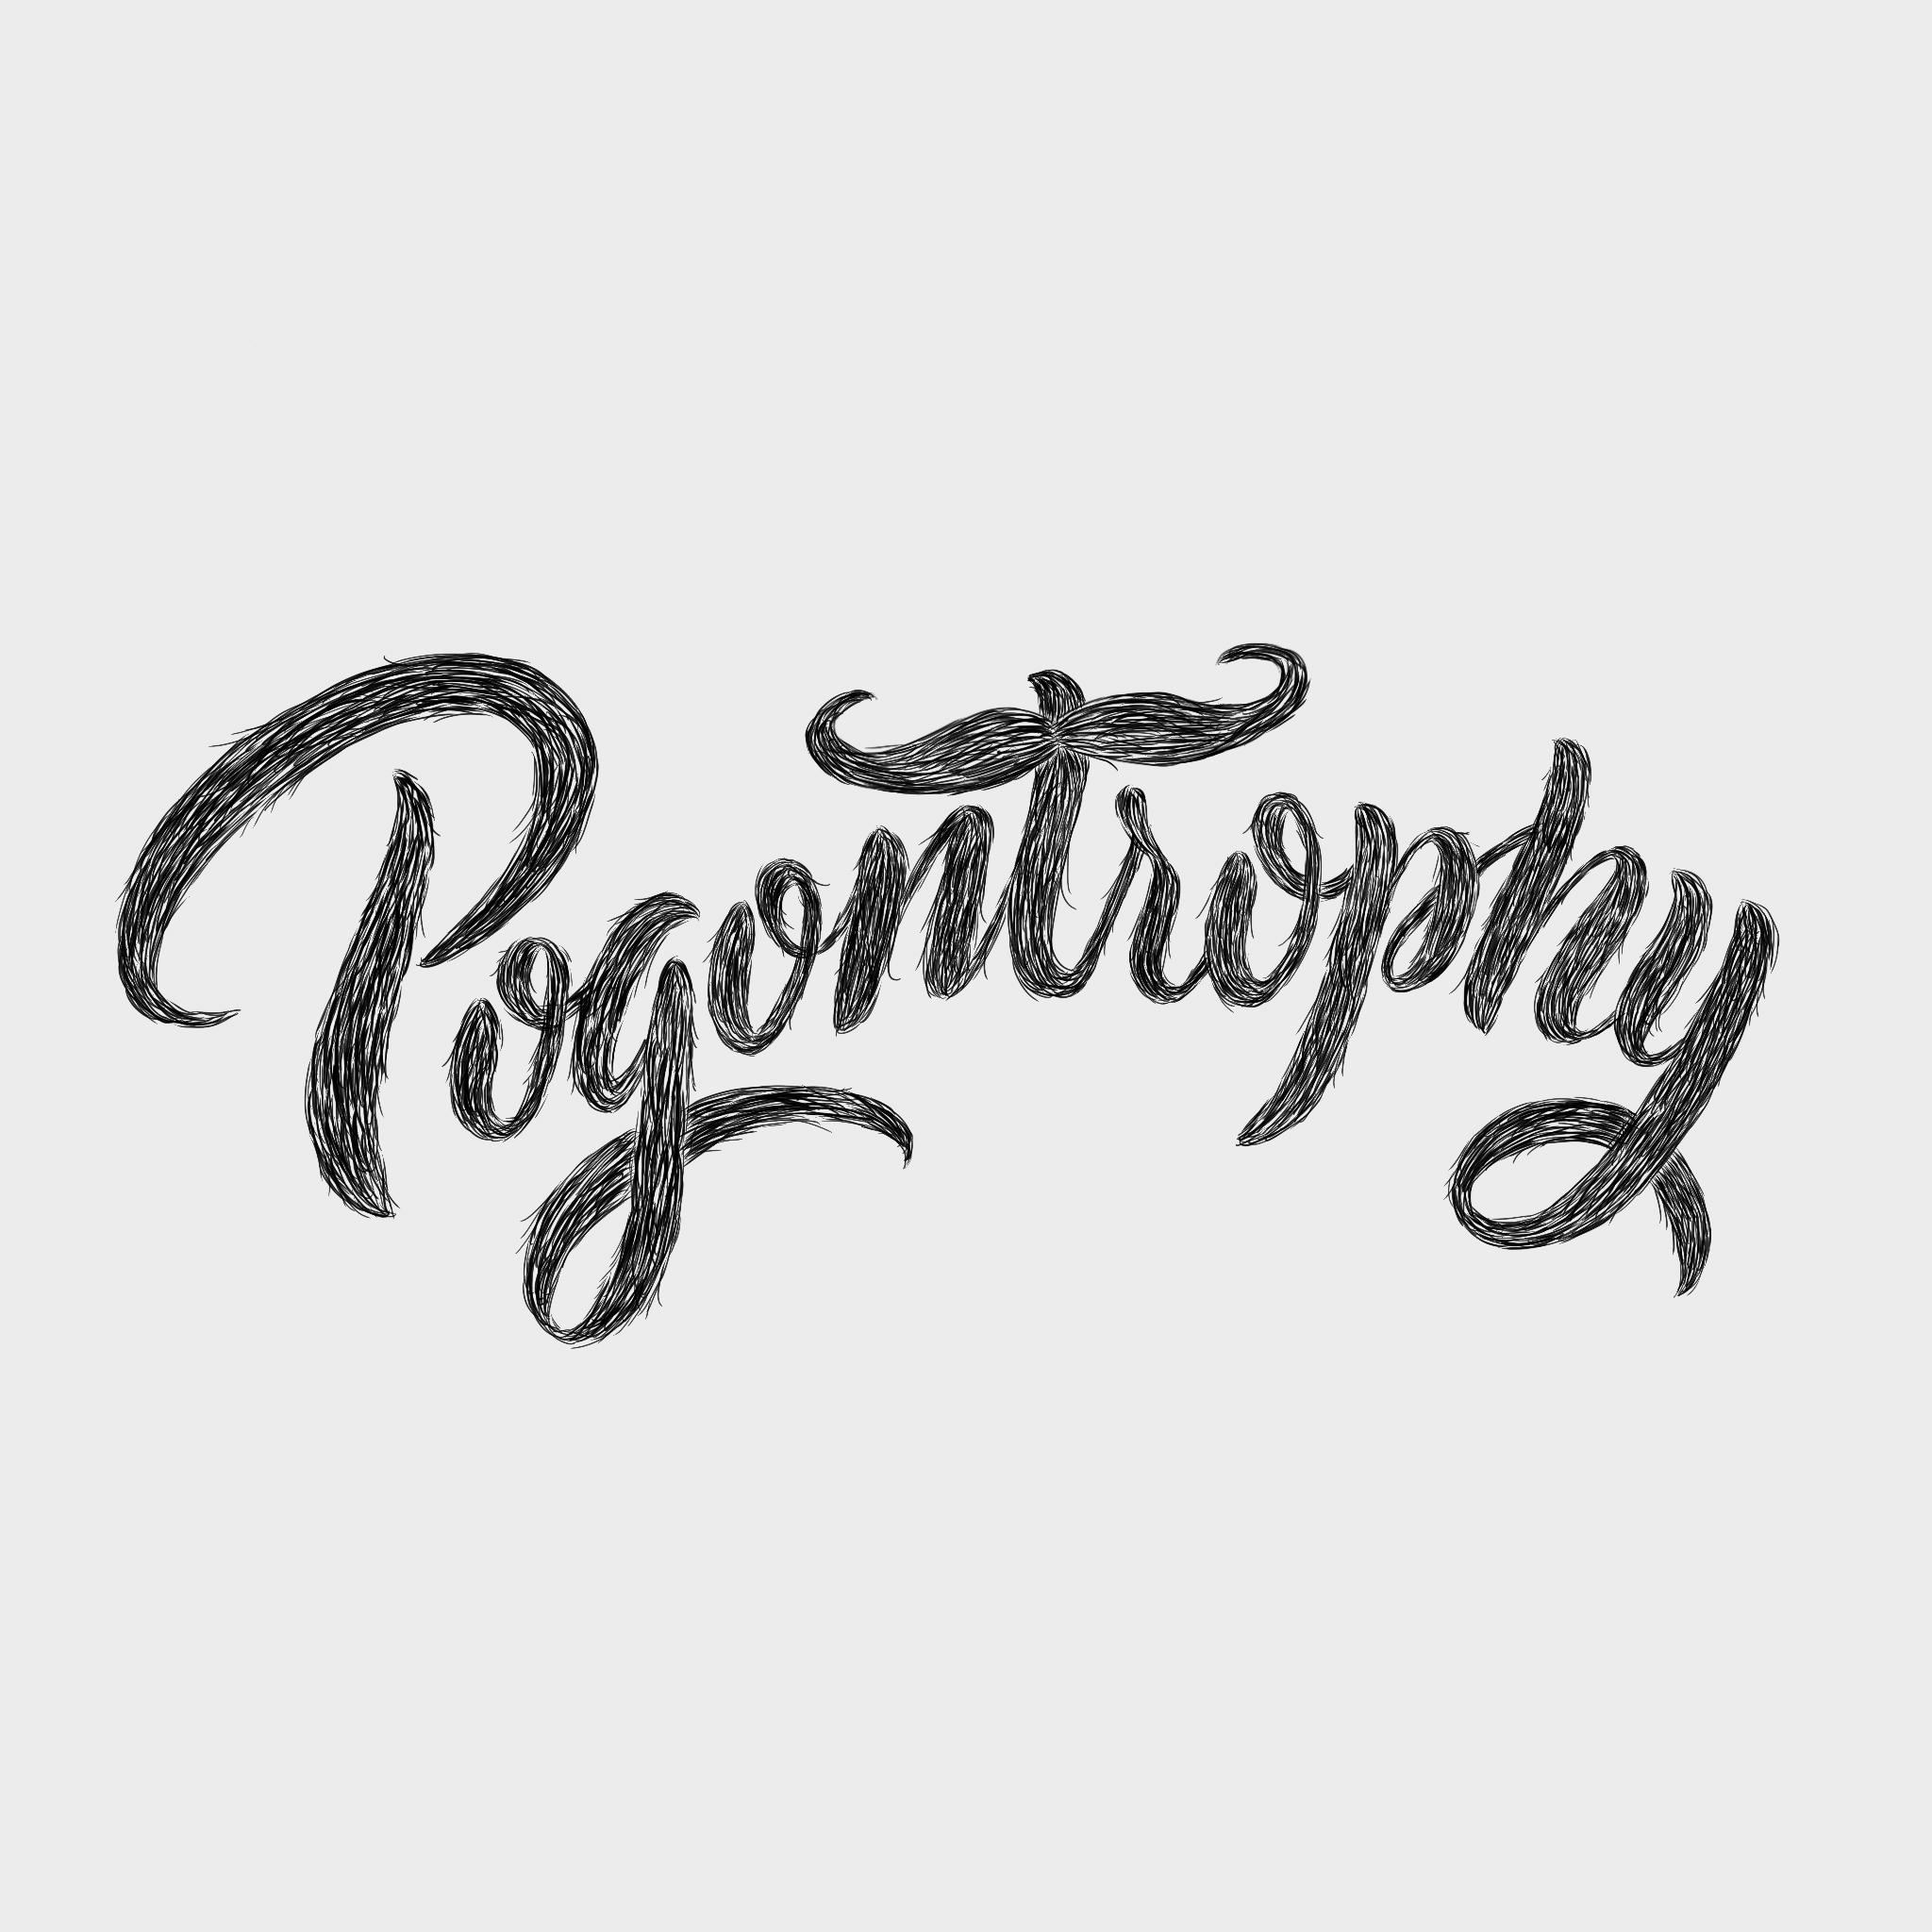 Pogontrophy.jpg